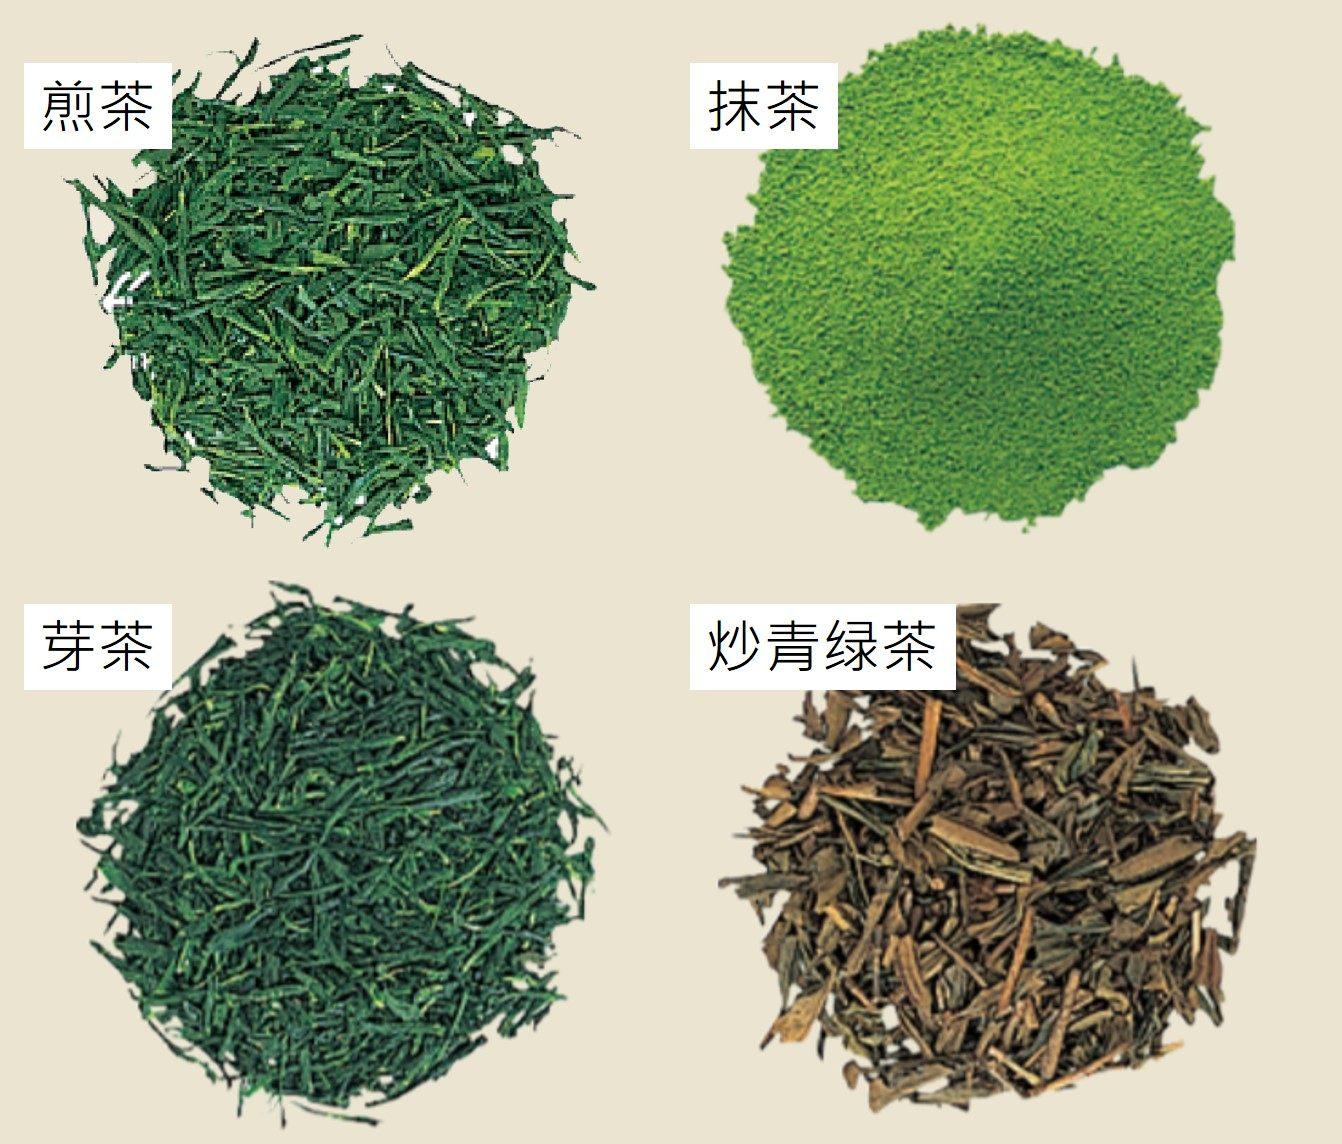 就算是同一種綠茶也會因製作方式不同而有別的名稱